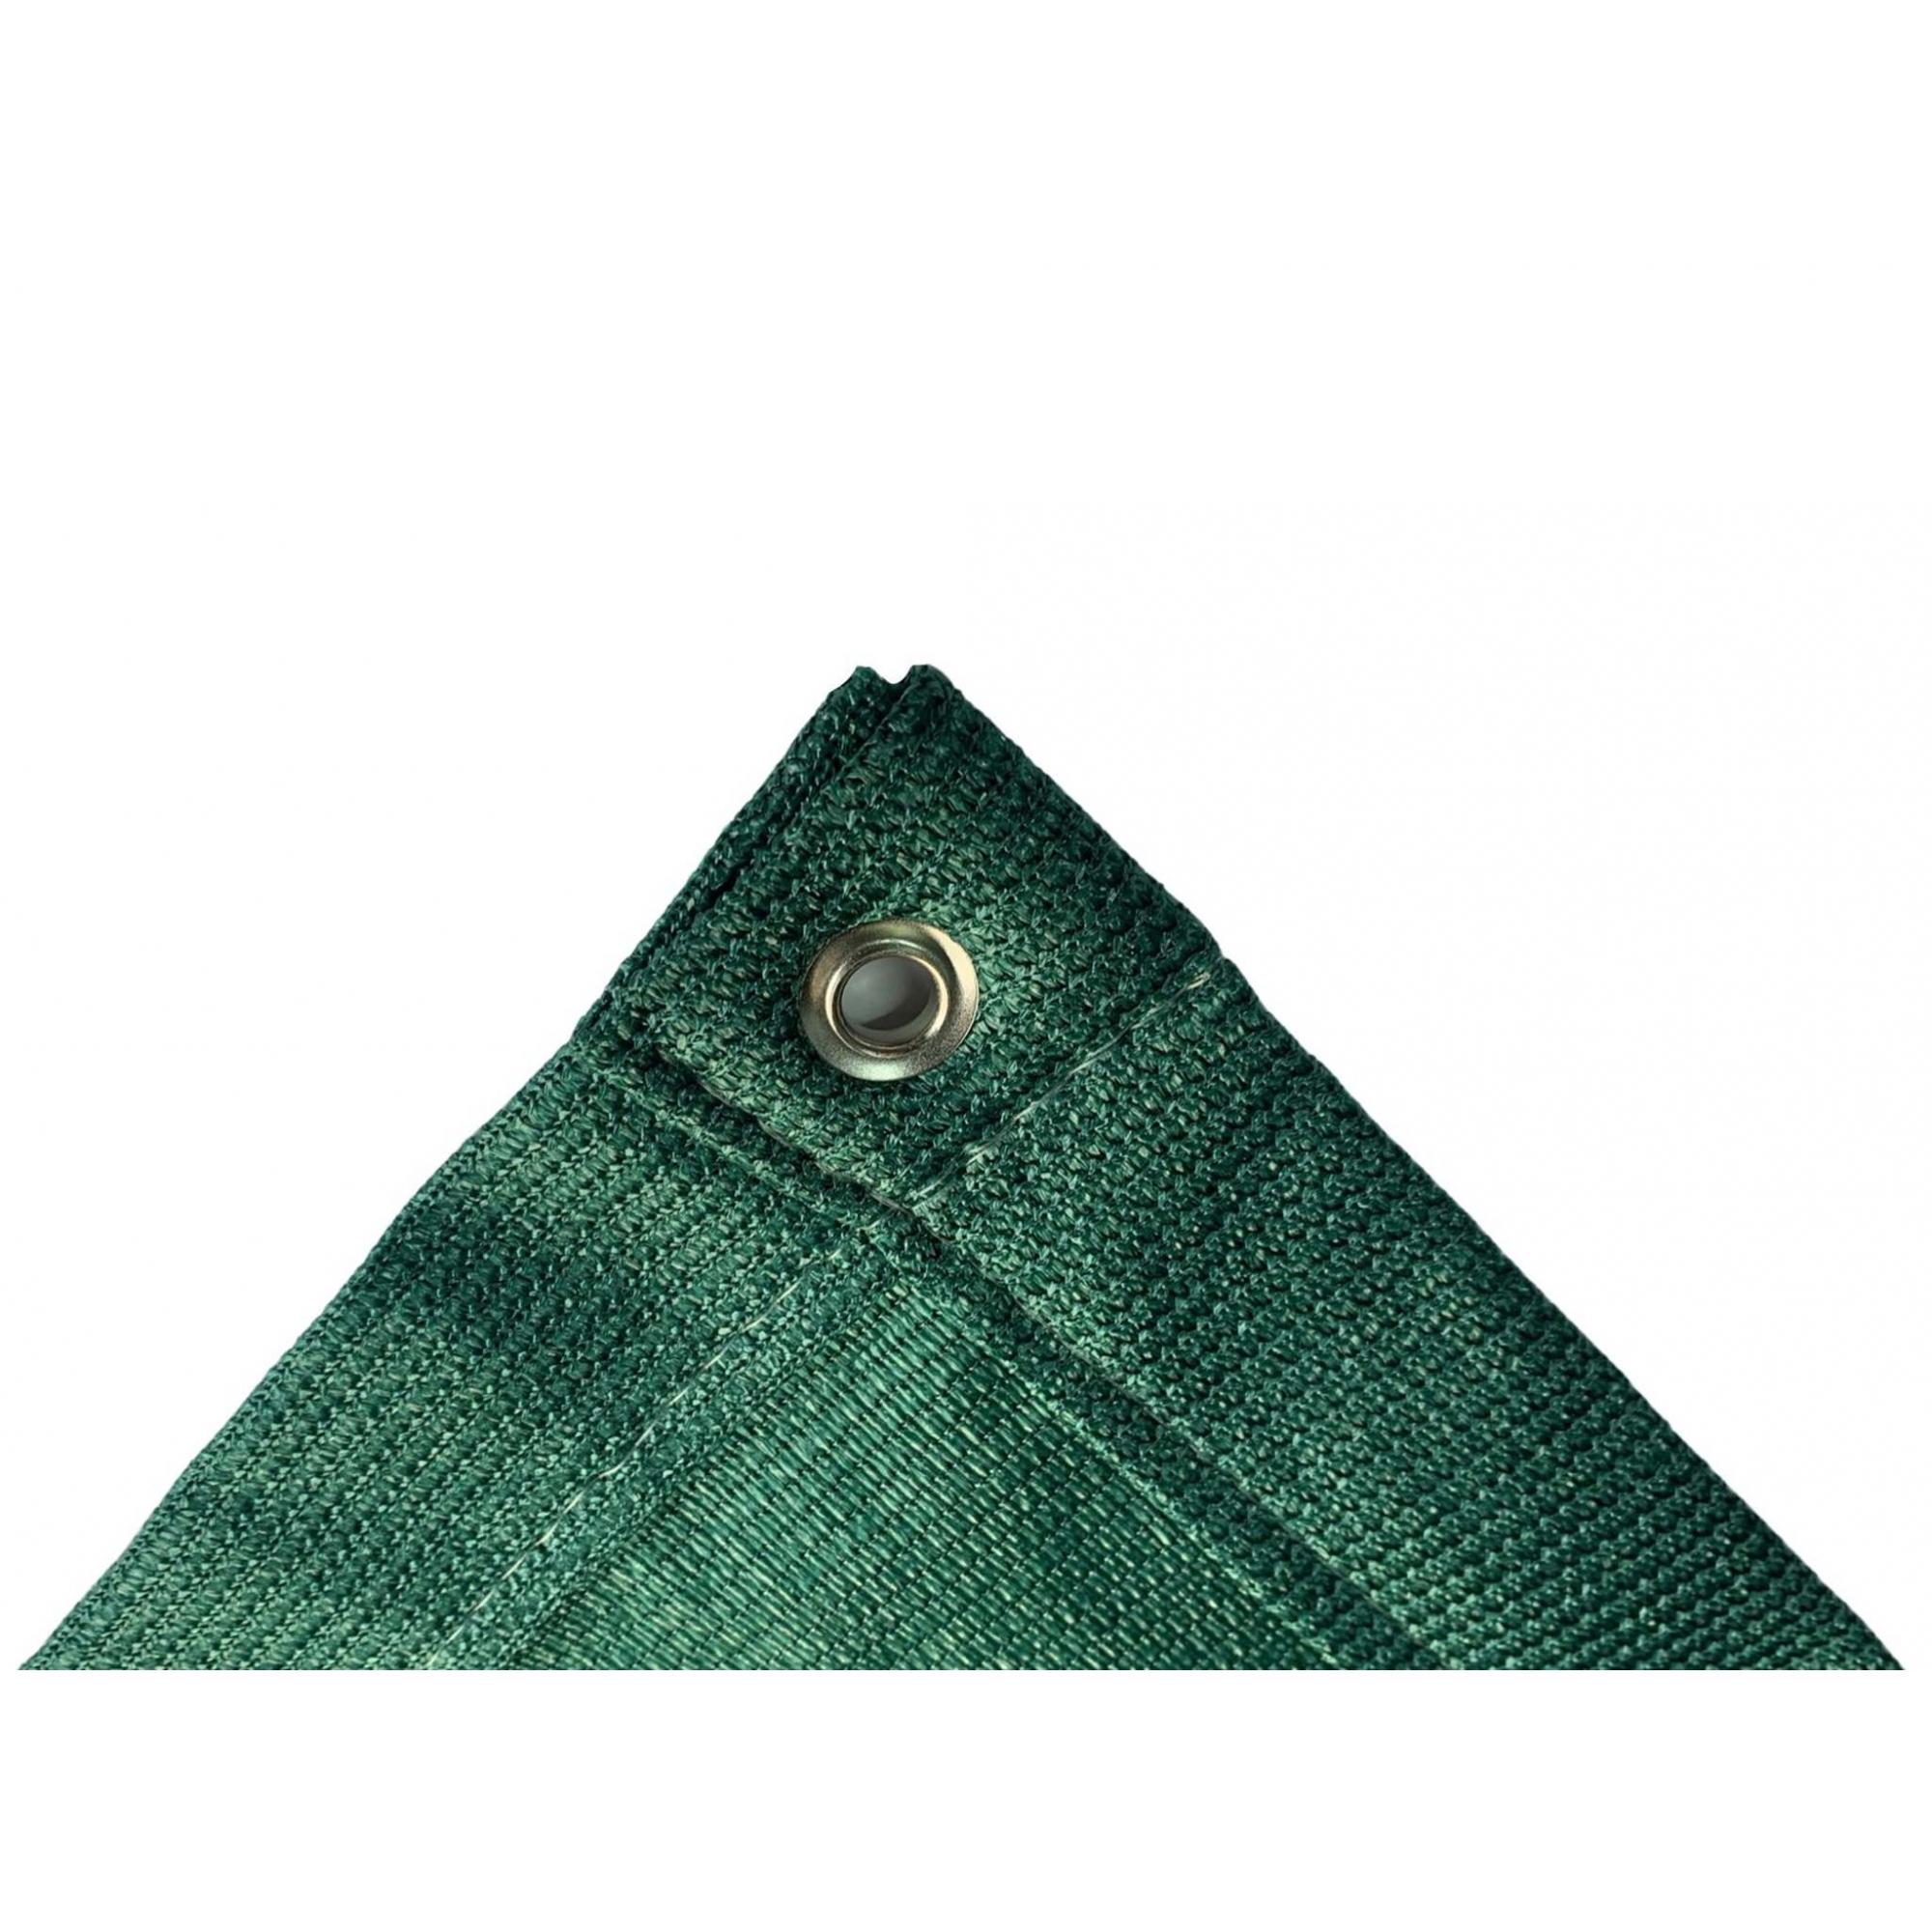 Tela de Sombreamento 90% Verde com Bainha e Ilhós - Largura: 2,8 Metros